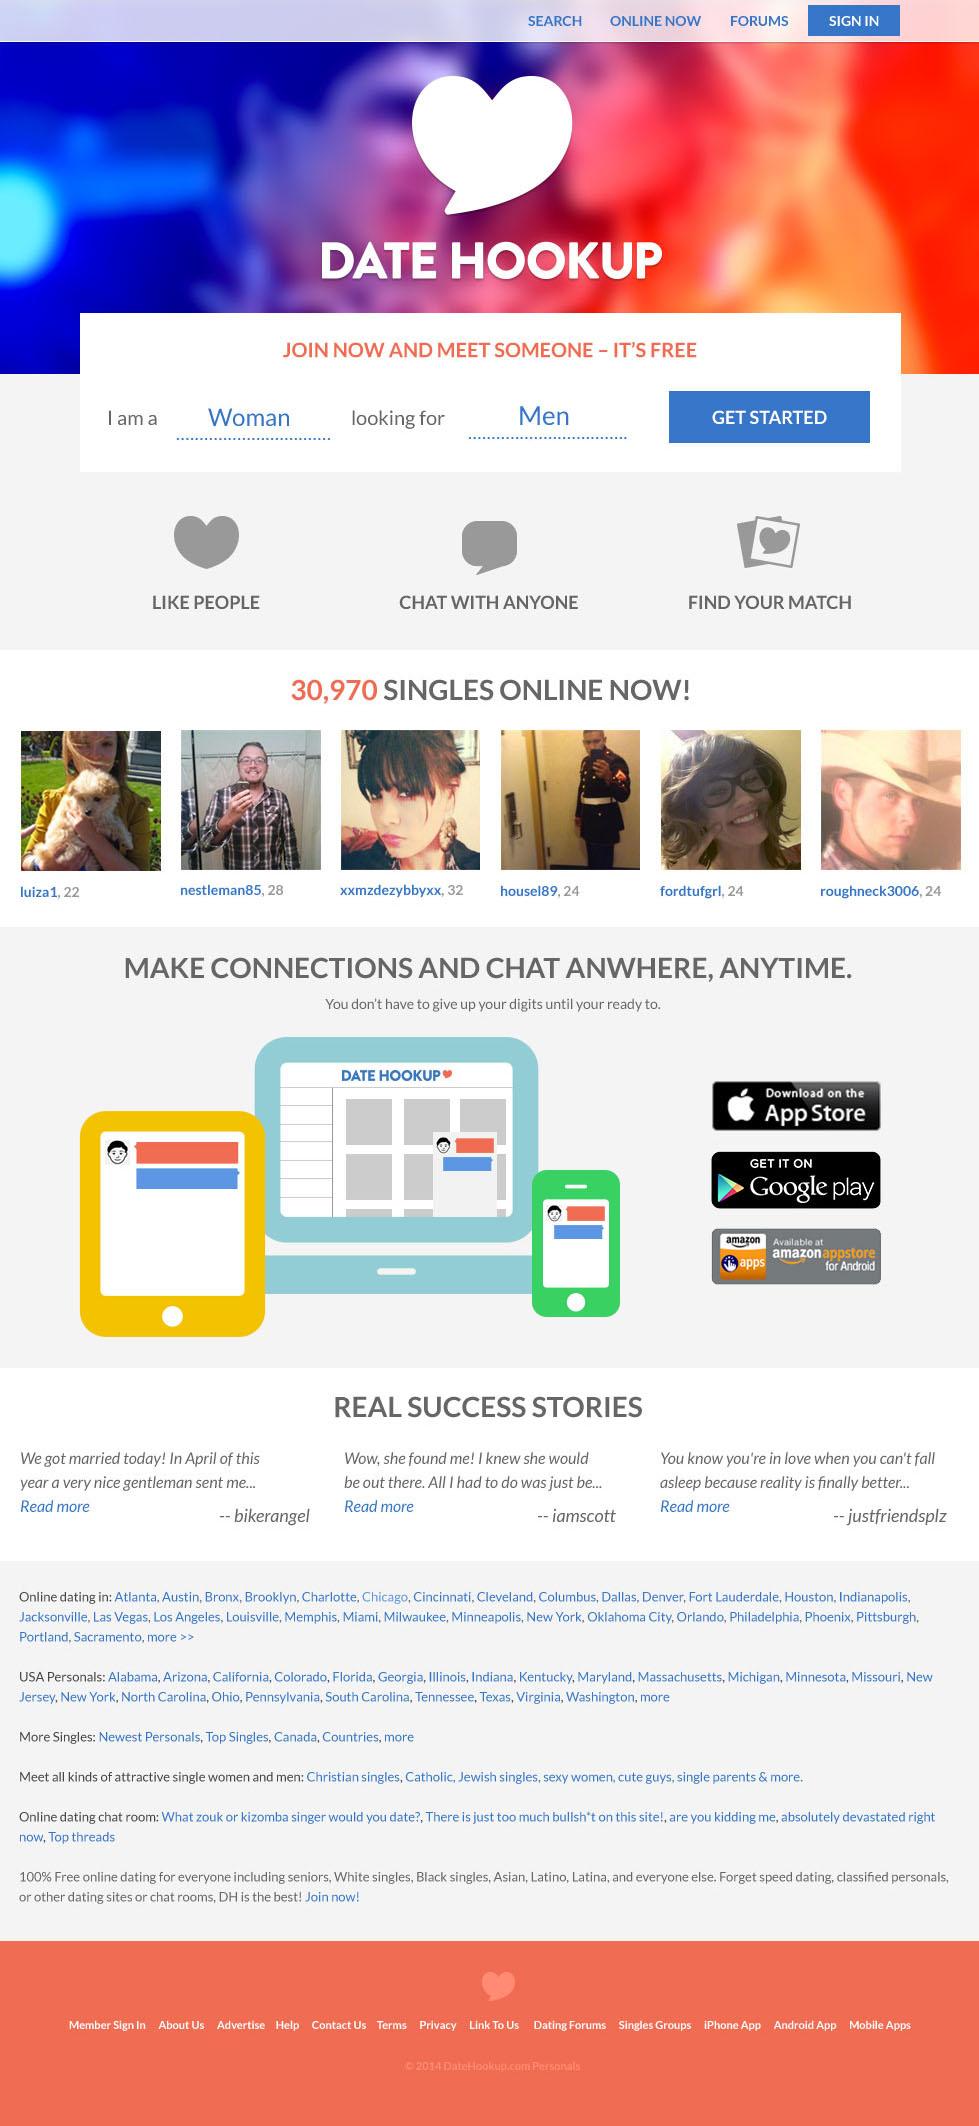 dh hookup hvisker en dating app